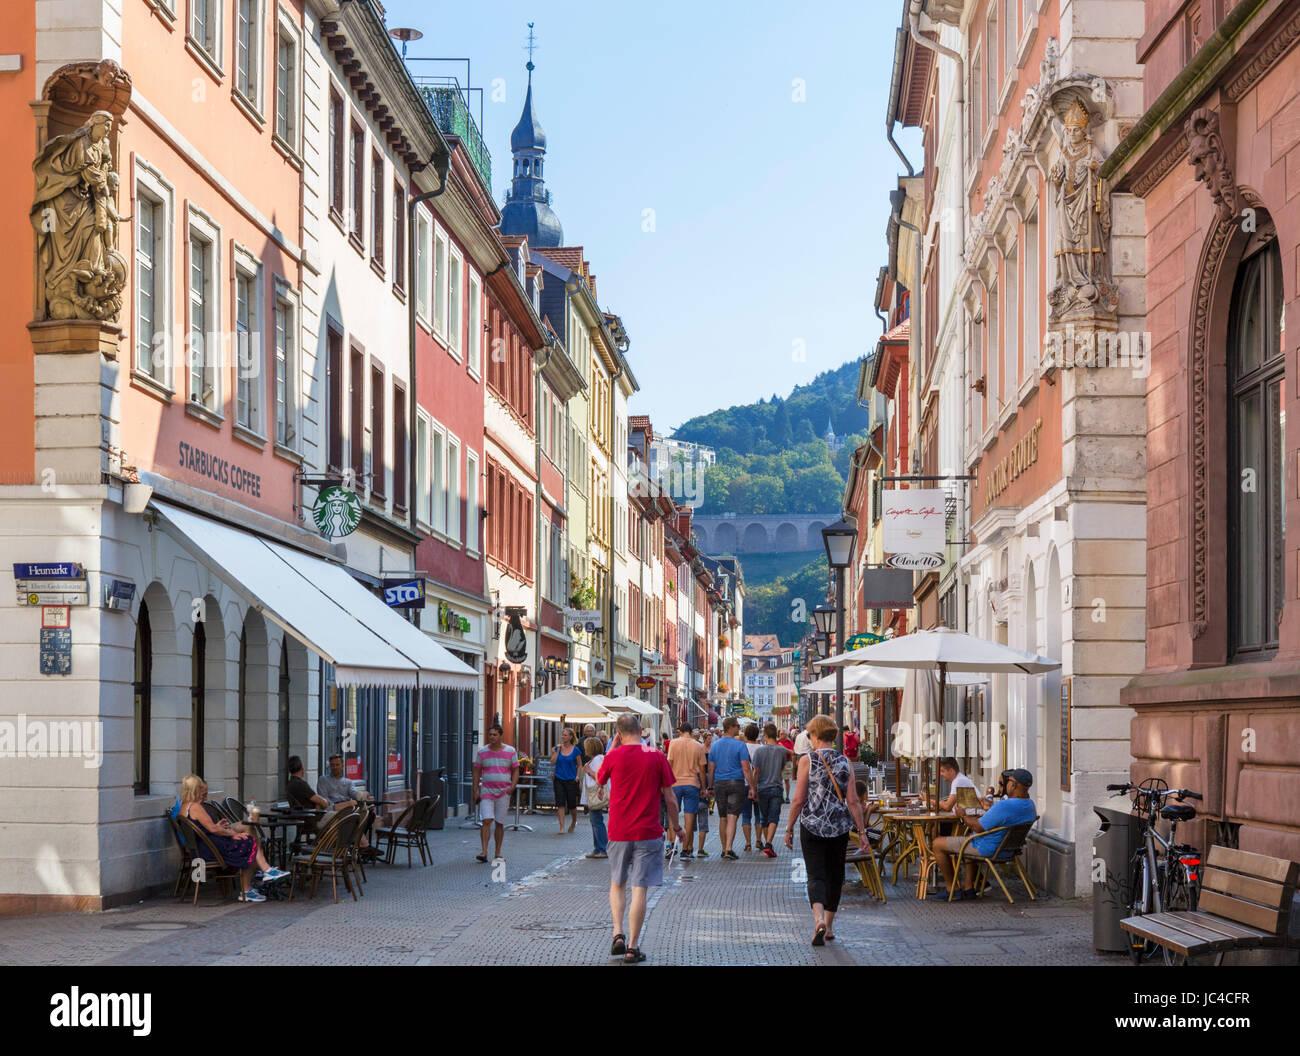 Geschäfte und Cafés an der Hauptstrasse (Main Street), Altstadt, Heidelberg, Deutschland Stockbild